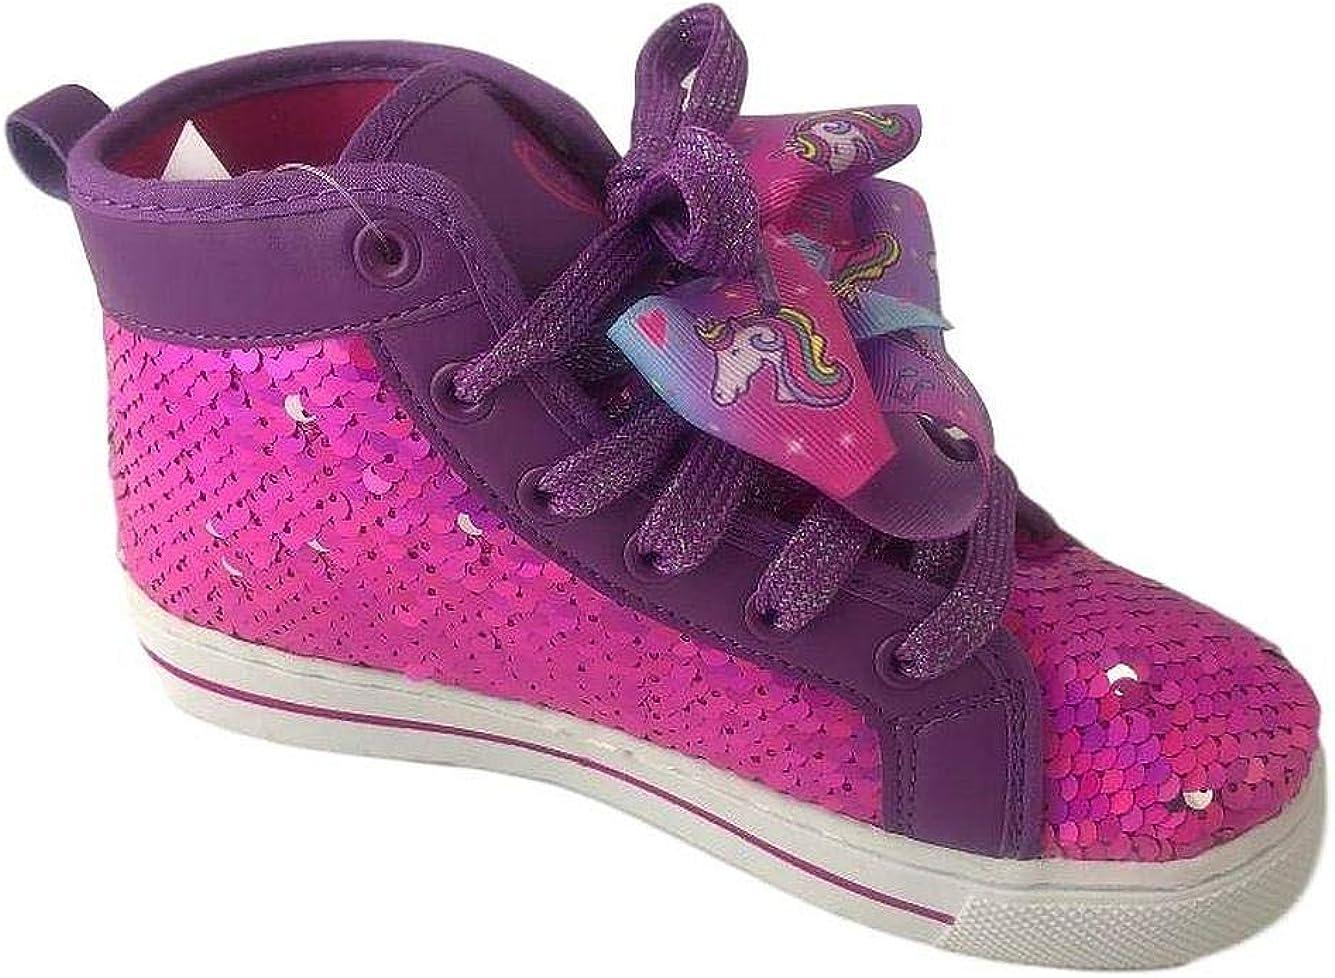 Jojo Siwa Girls Shoes Sneakers High